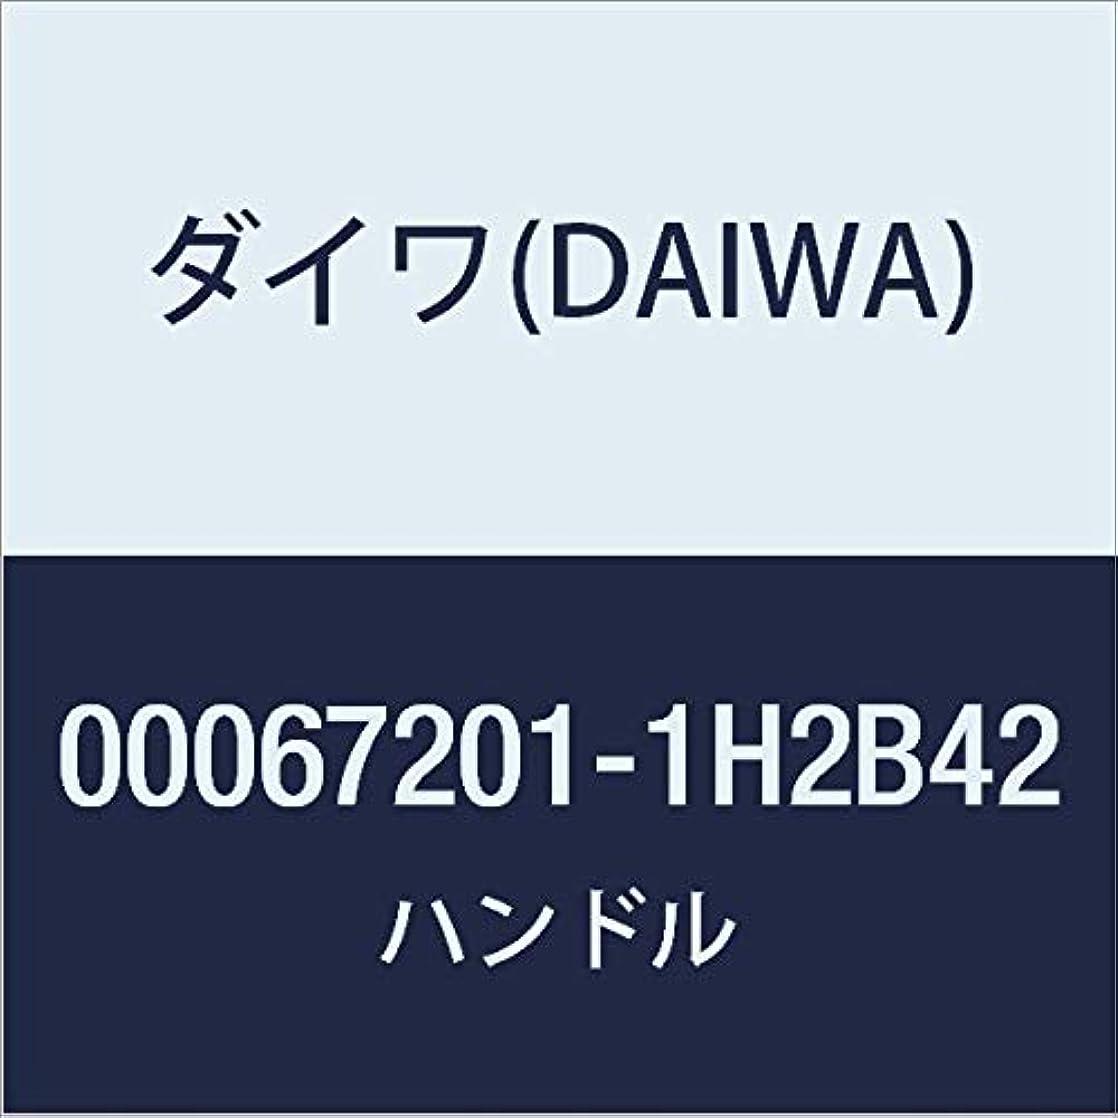 人生を作る復活させるシャベルダイワ(DAIWA) 純正パーツ 19 キャスティズム25 15PE ハンドル 部品番号 88 部品コード 1H2B42 000672011H2B42